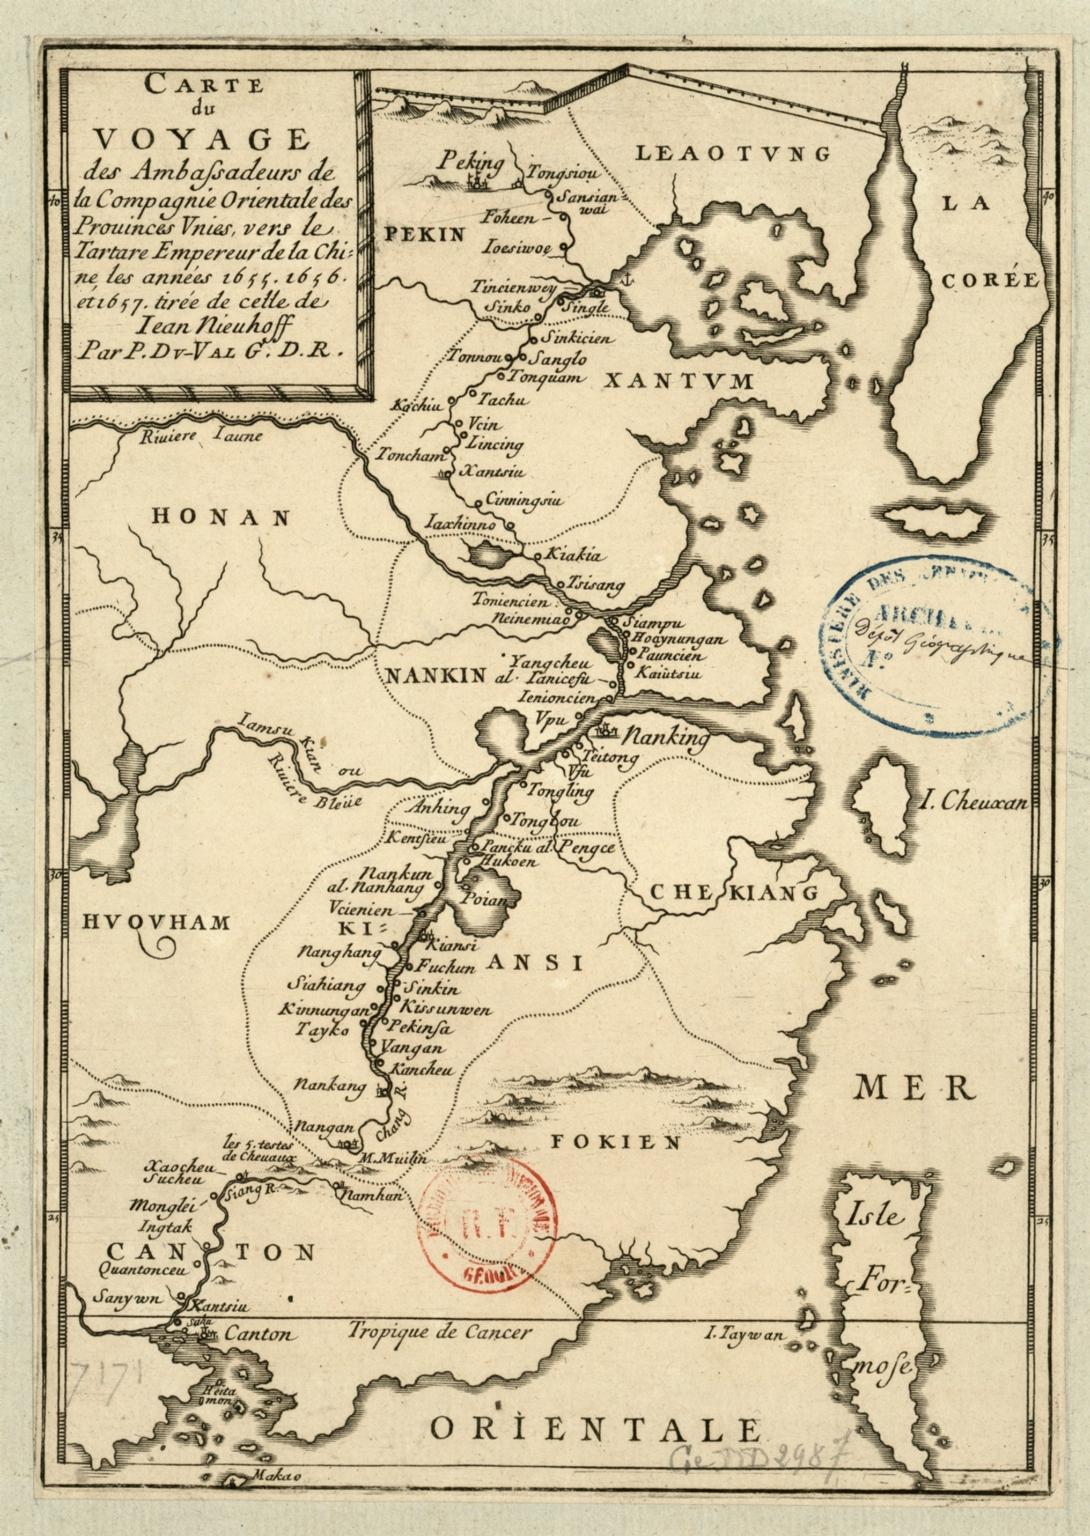 Carte du voyage des ambassadeurs de la Compagnie orientale des Provinces-Unies vers le Tartare, empereur de la Chine , les années 1655, 1656 et 1657, tirée de celle de Jean Nieuhoff